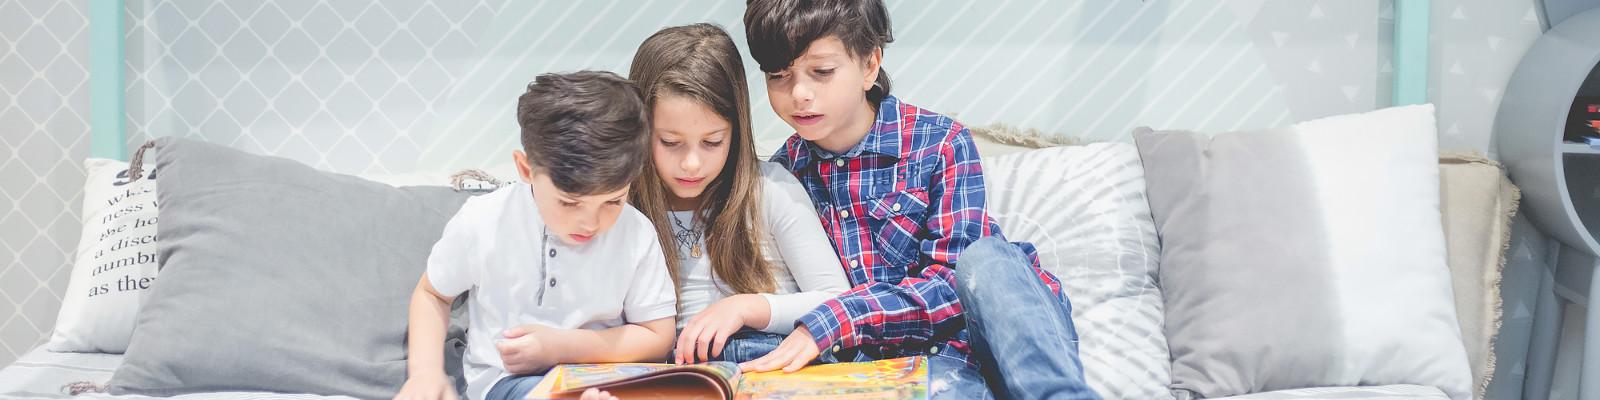 ספרי ילדים מומלצים אגם הוצאה לאור